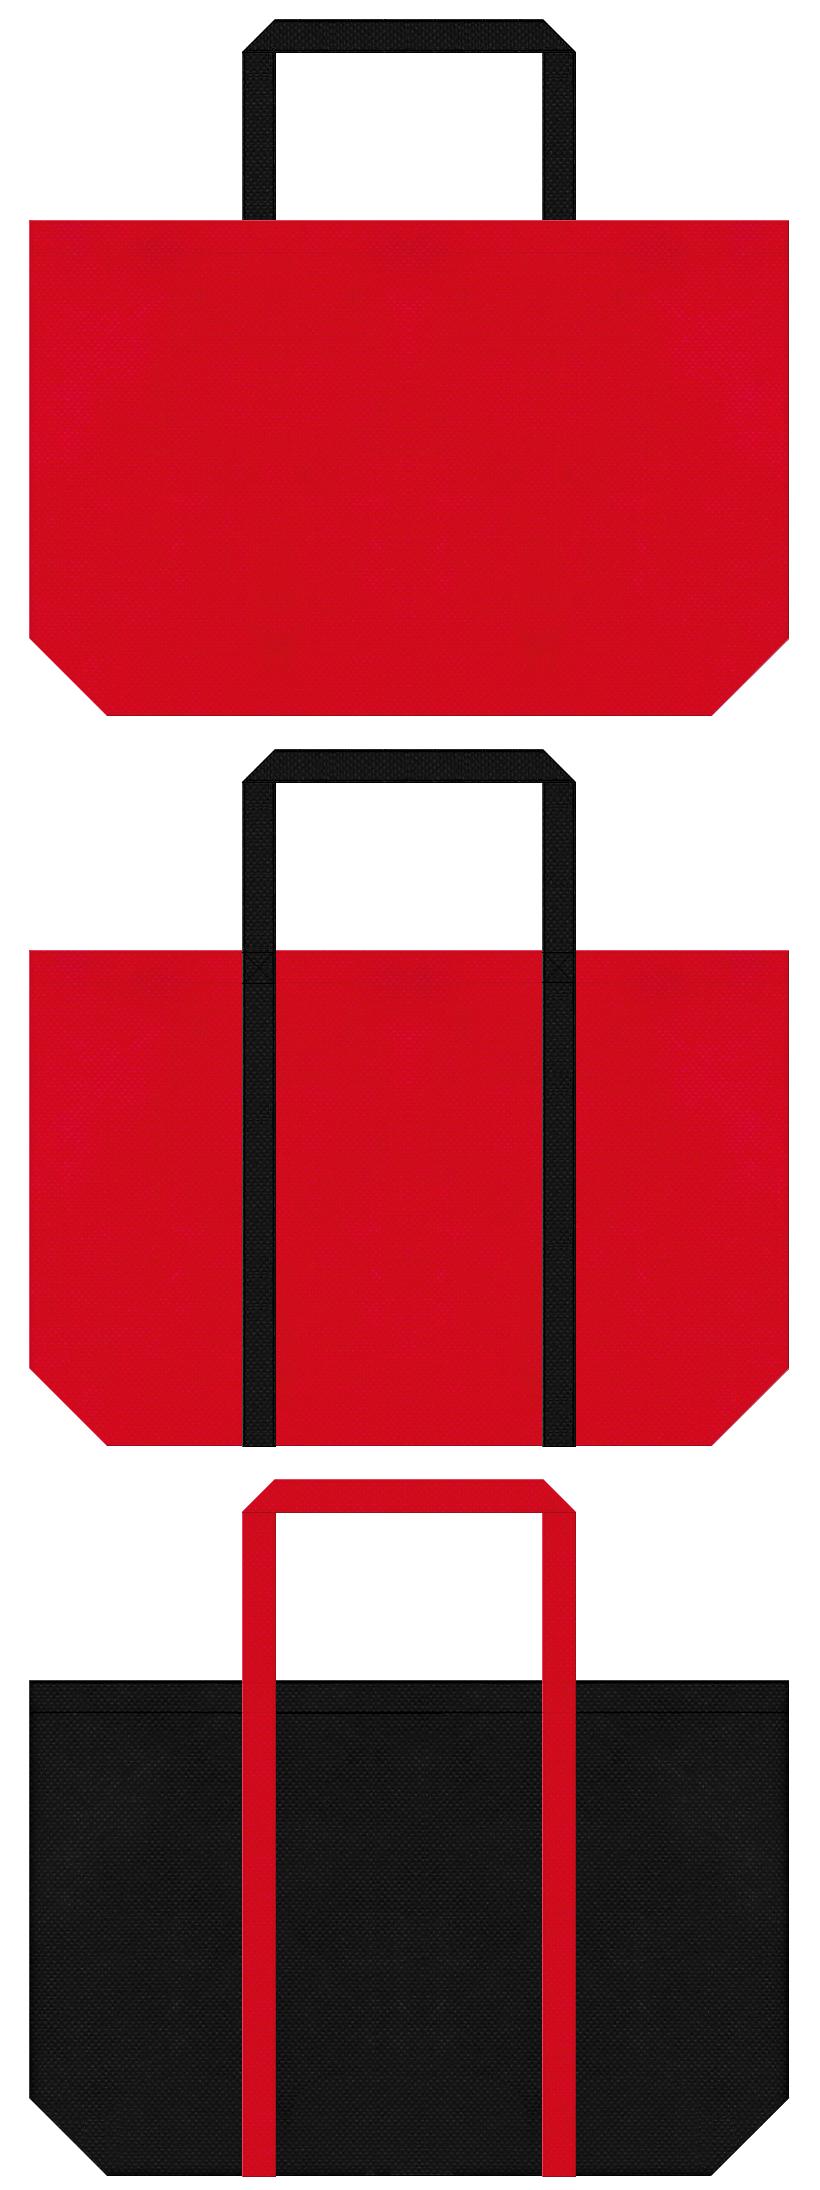 不織布ショッピングバッグのデザイン:紅色と黒色のコーデ。スポーティーファッションのショッピングバッグにお奨めです。